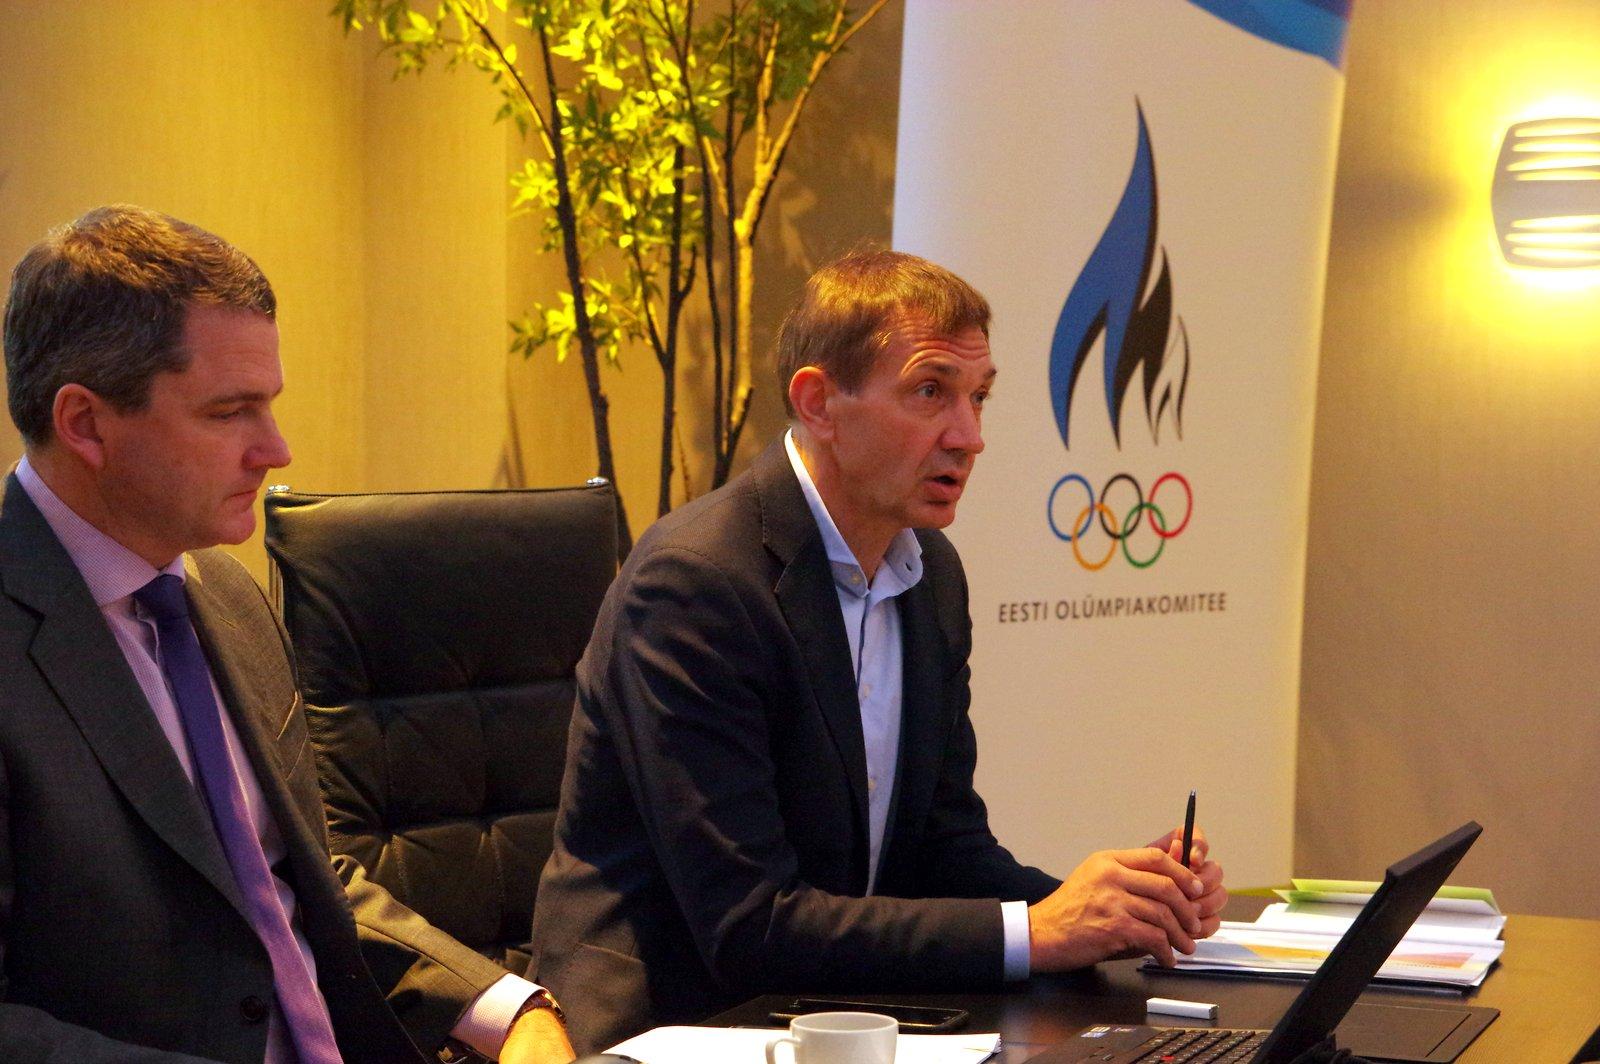 Otsus tehtud! EOK premeerib tänavusi mitteolümpiaalade maailmameistreid ja nende treenereid